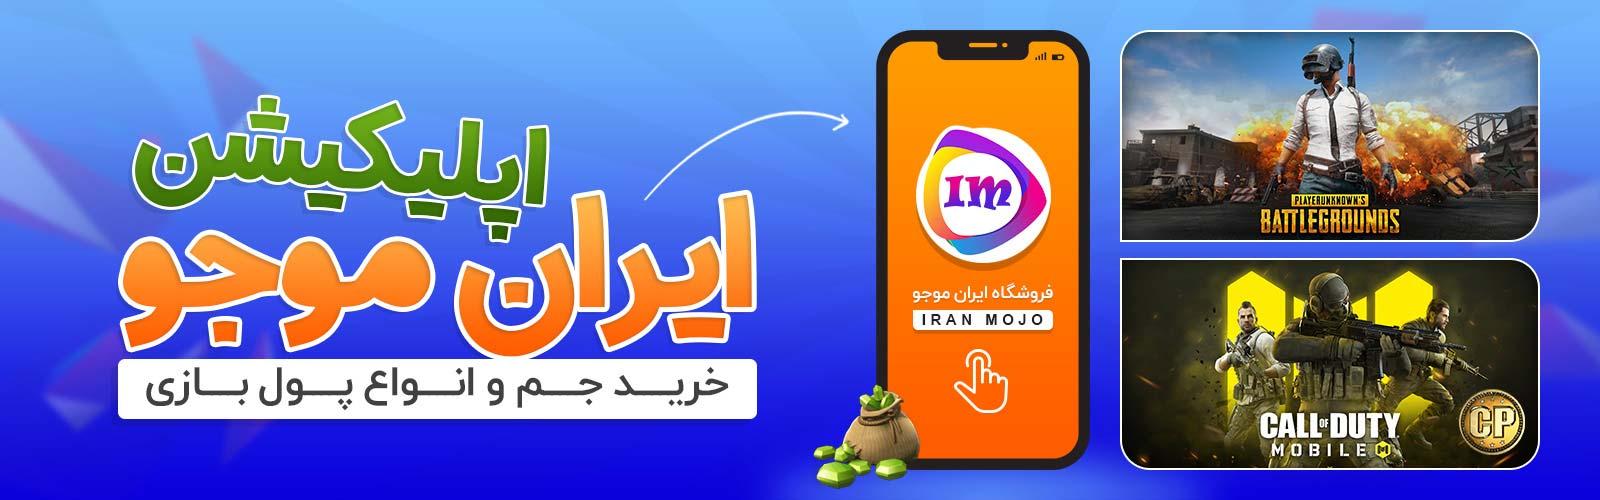 اپ موبایل ایران موجو